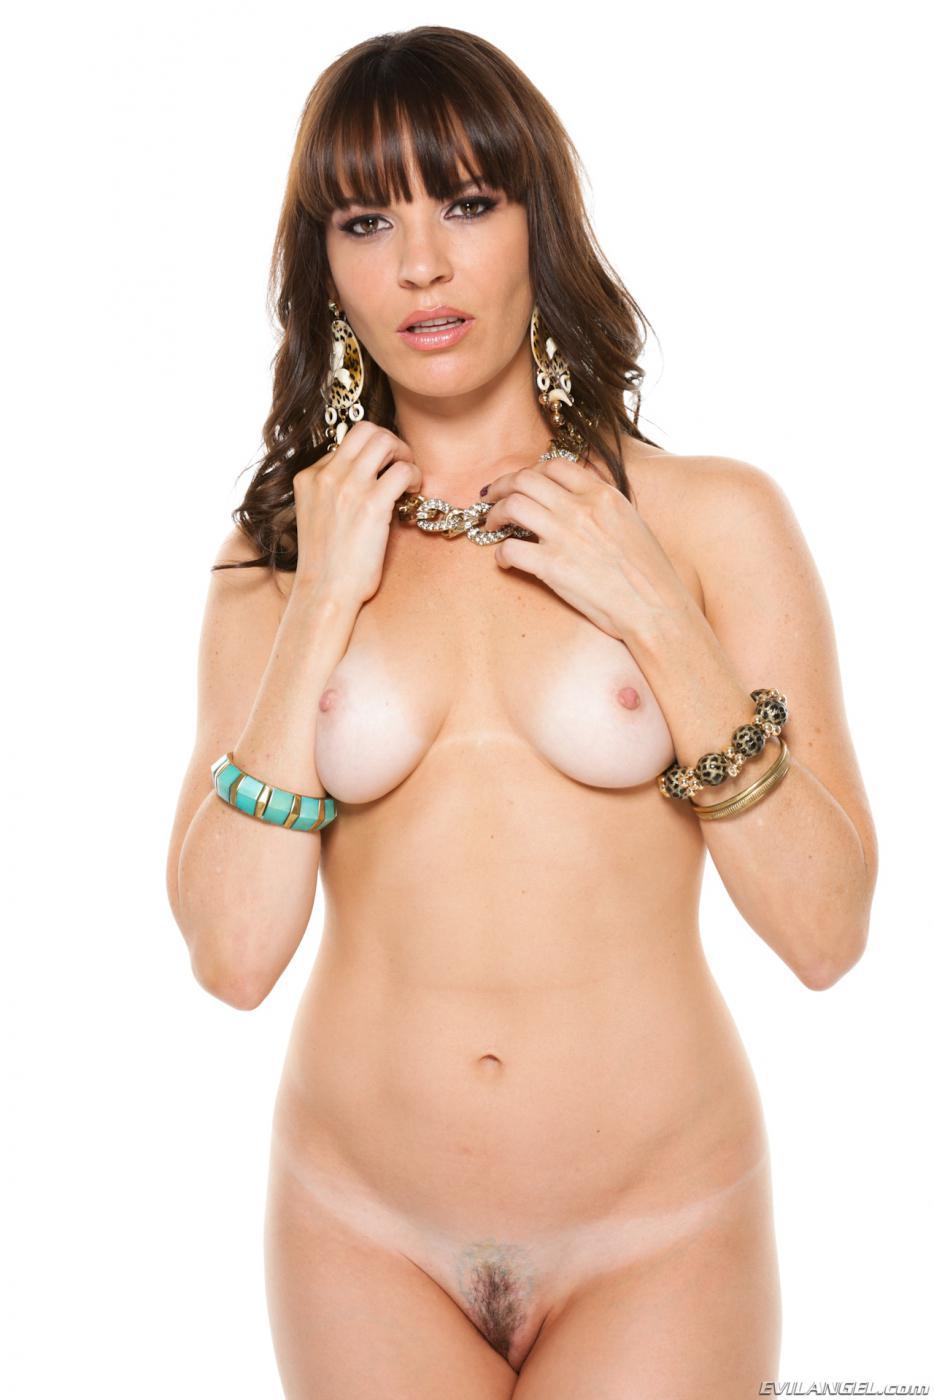 Зрелая русая порноактрисса Дана Деармонд спускает свое голубое бикини и обнажает роскошное возбуждающее туловище